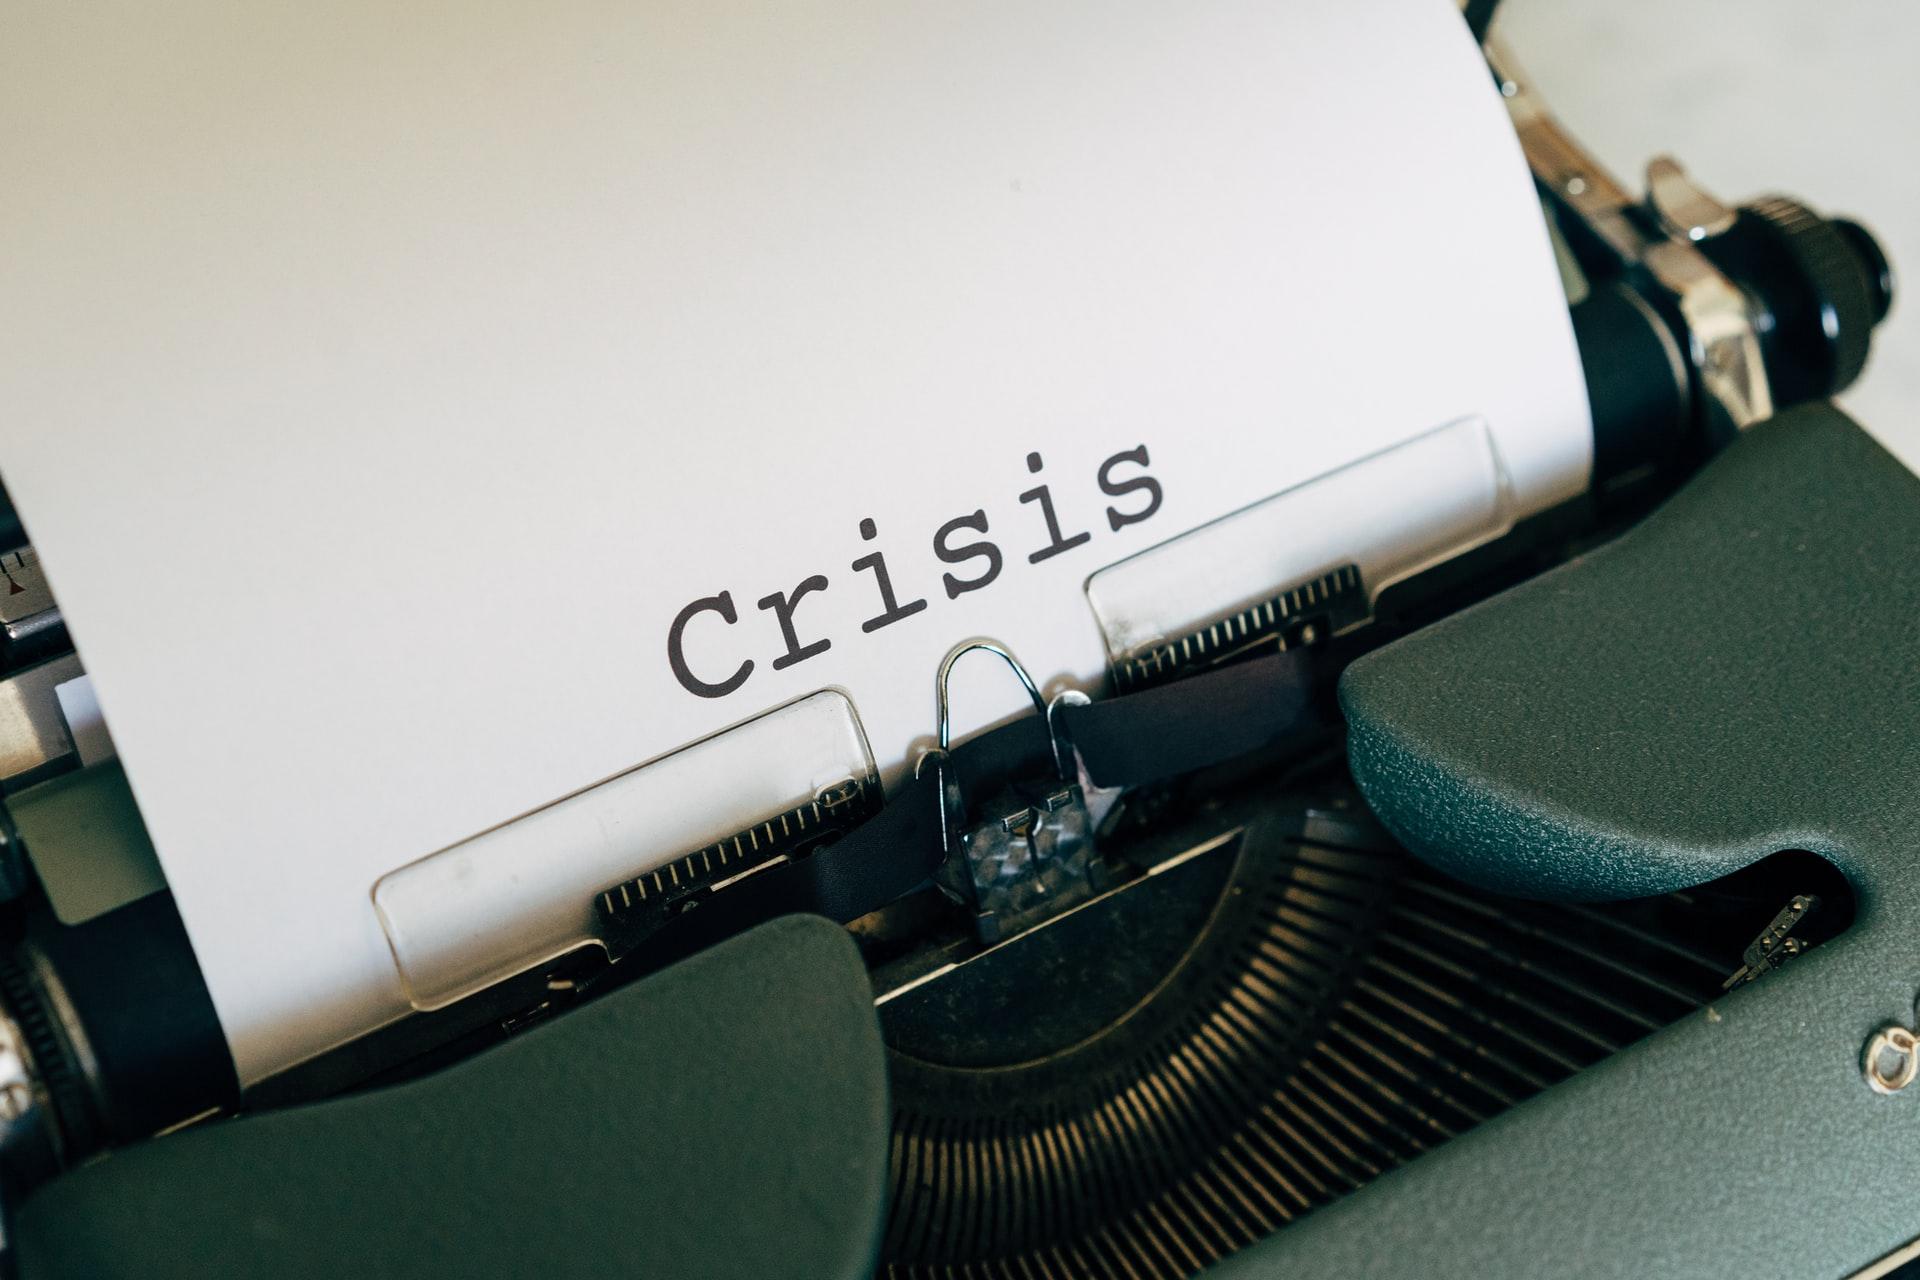 Bieżąca sytuacja przedsiębiorców w dobie pandemii koronawirusa